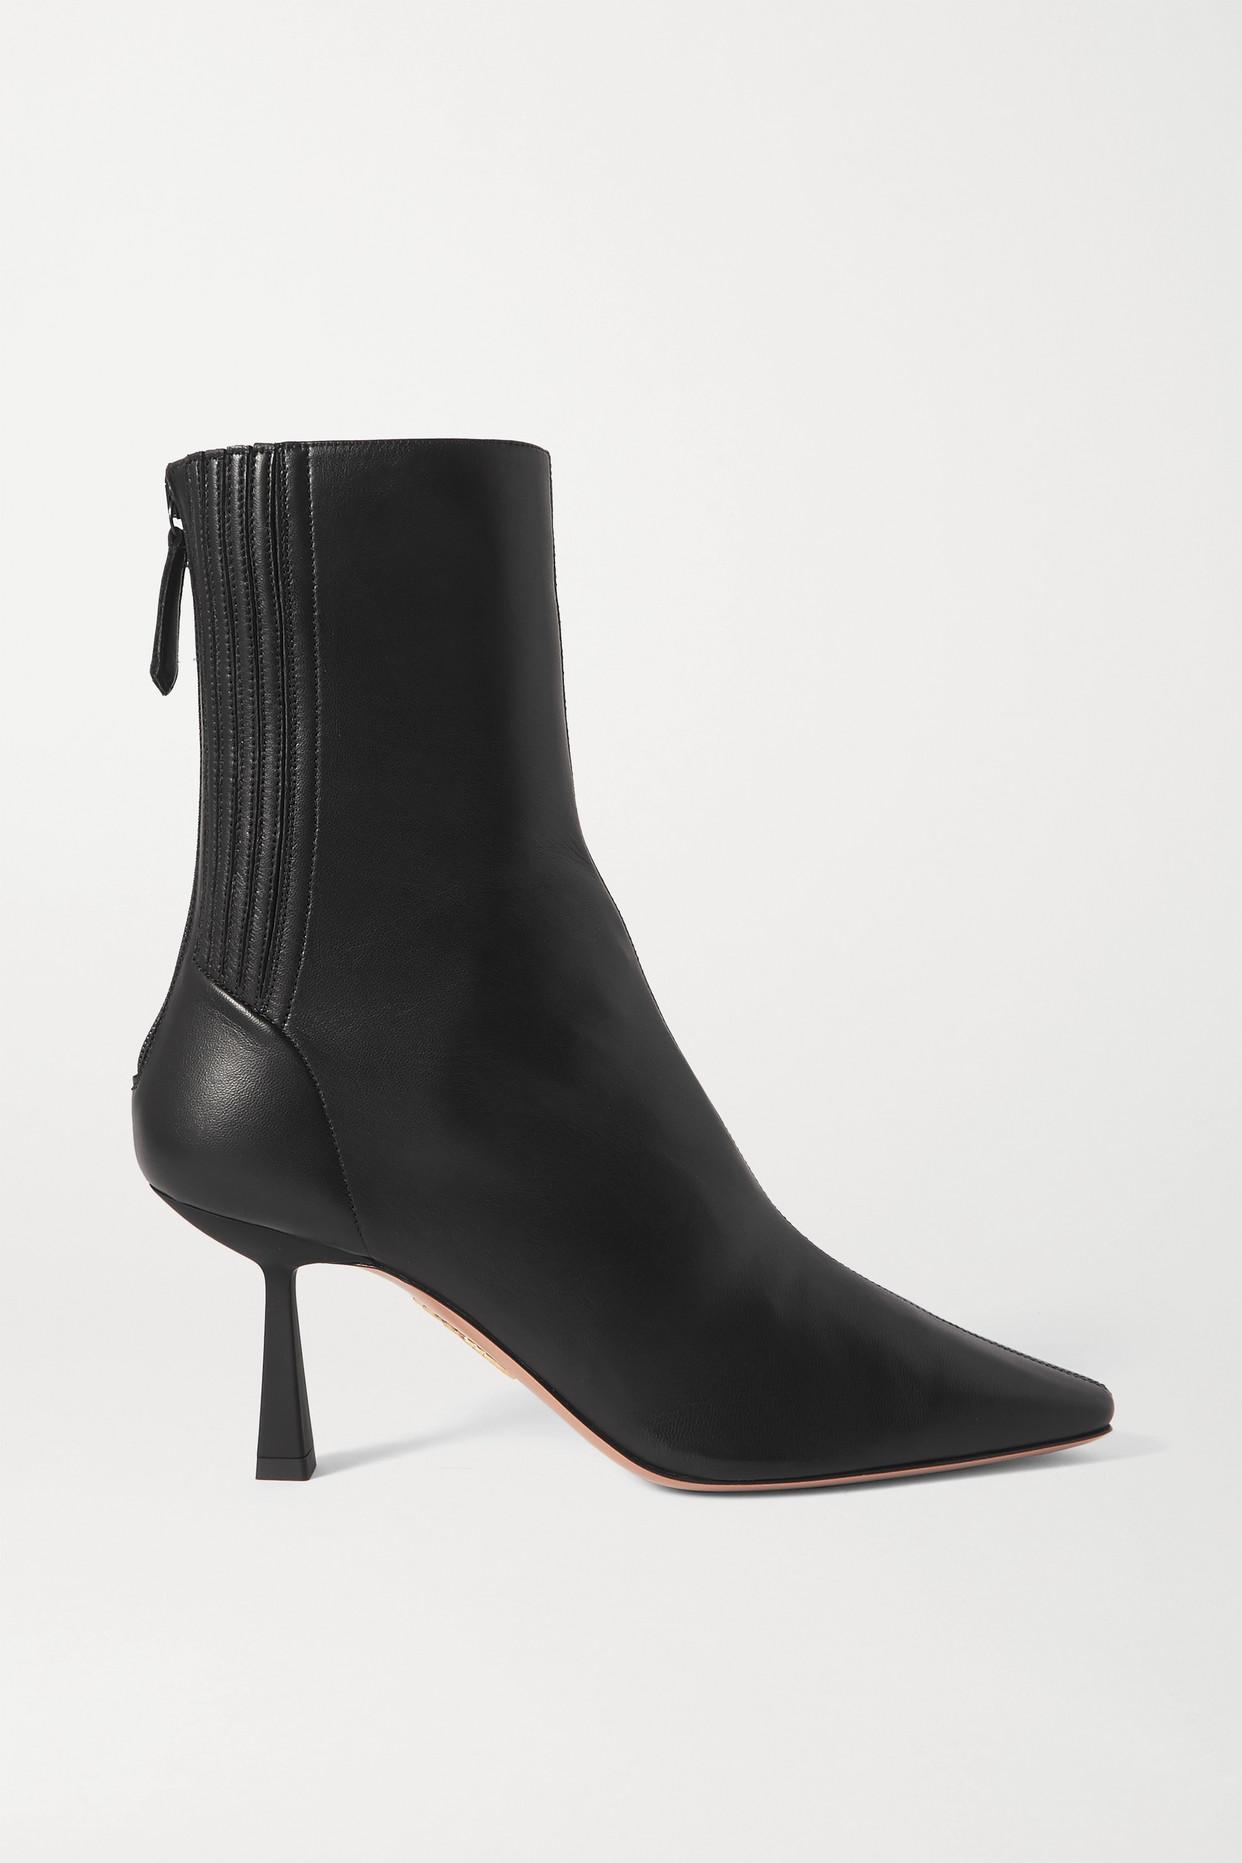 AQUAZZURA - Curzon 75 Leather Ankle Boots - Black - IT37